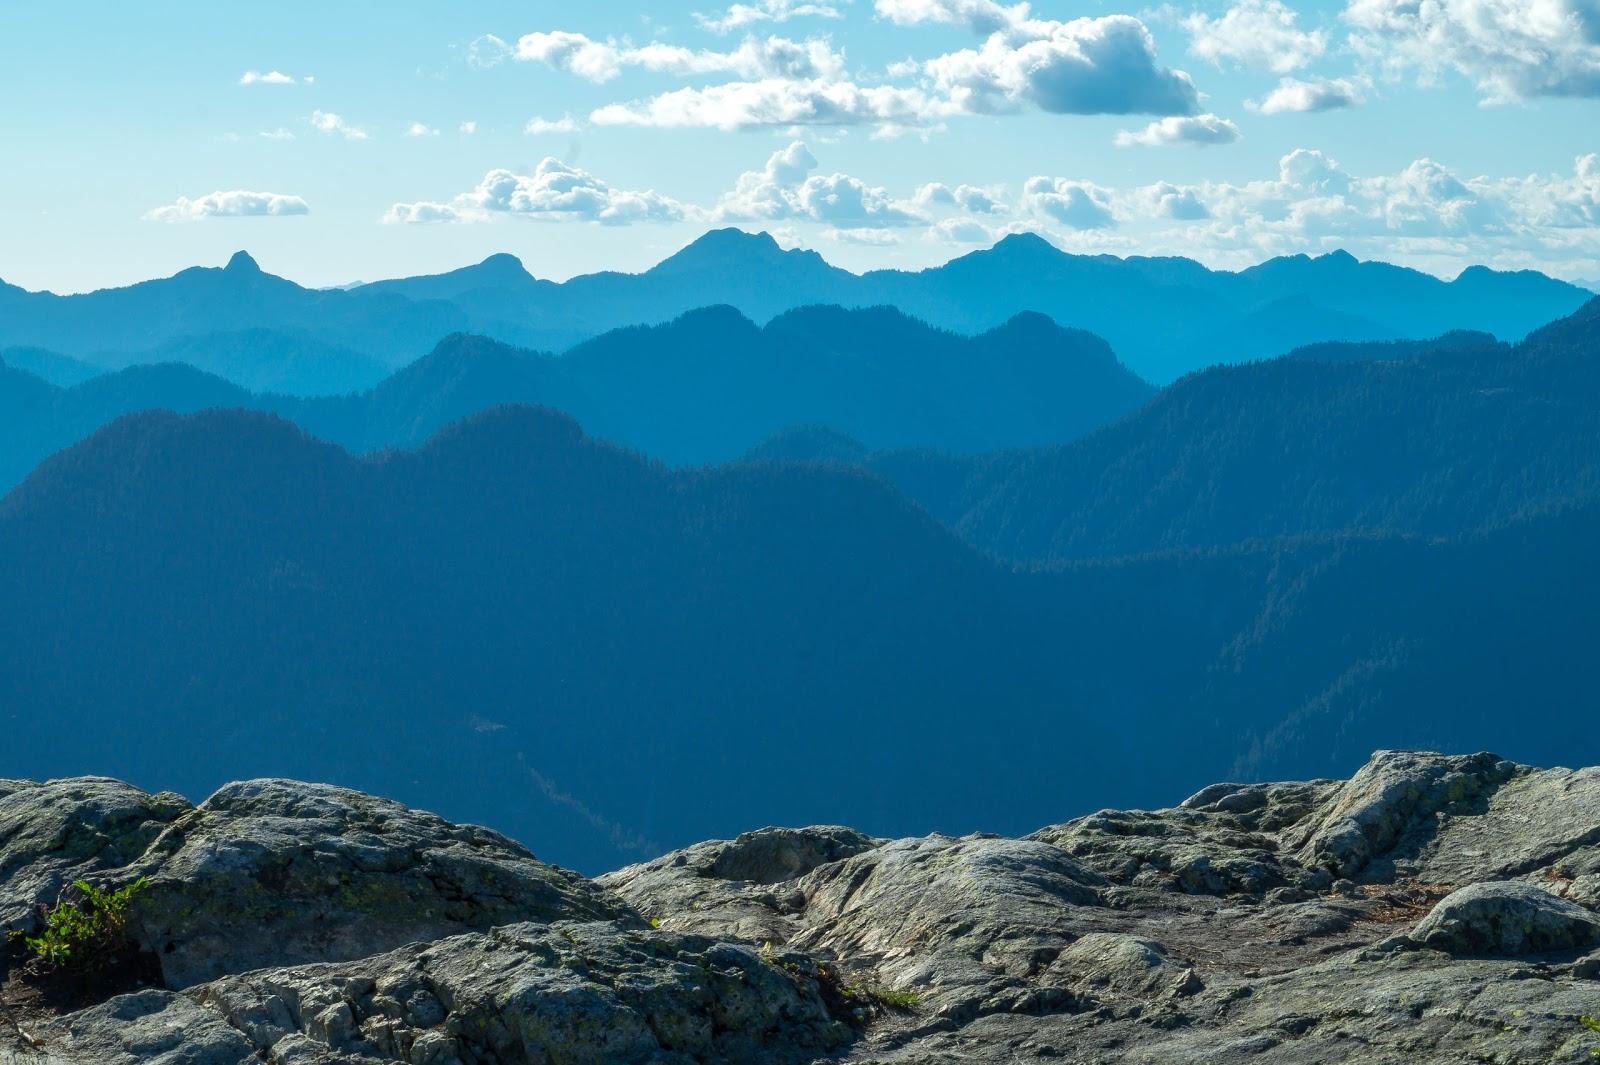 Сами горы похожи на штормовое море